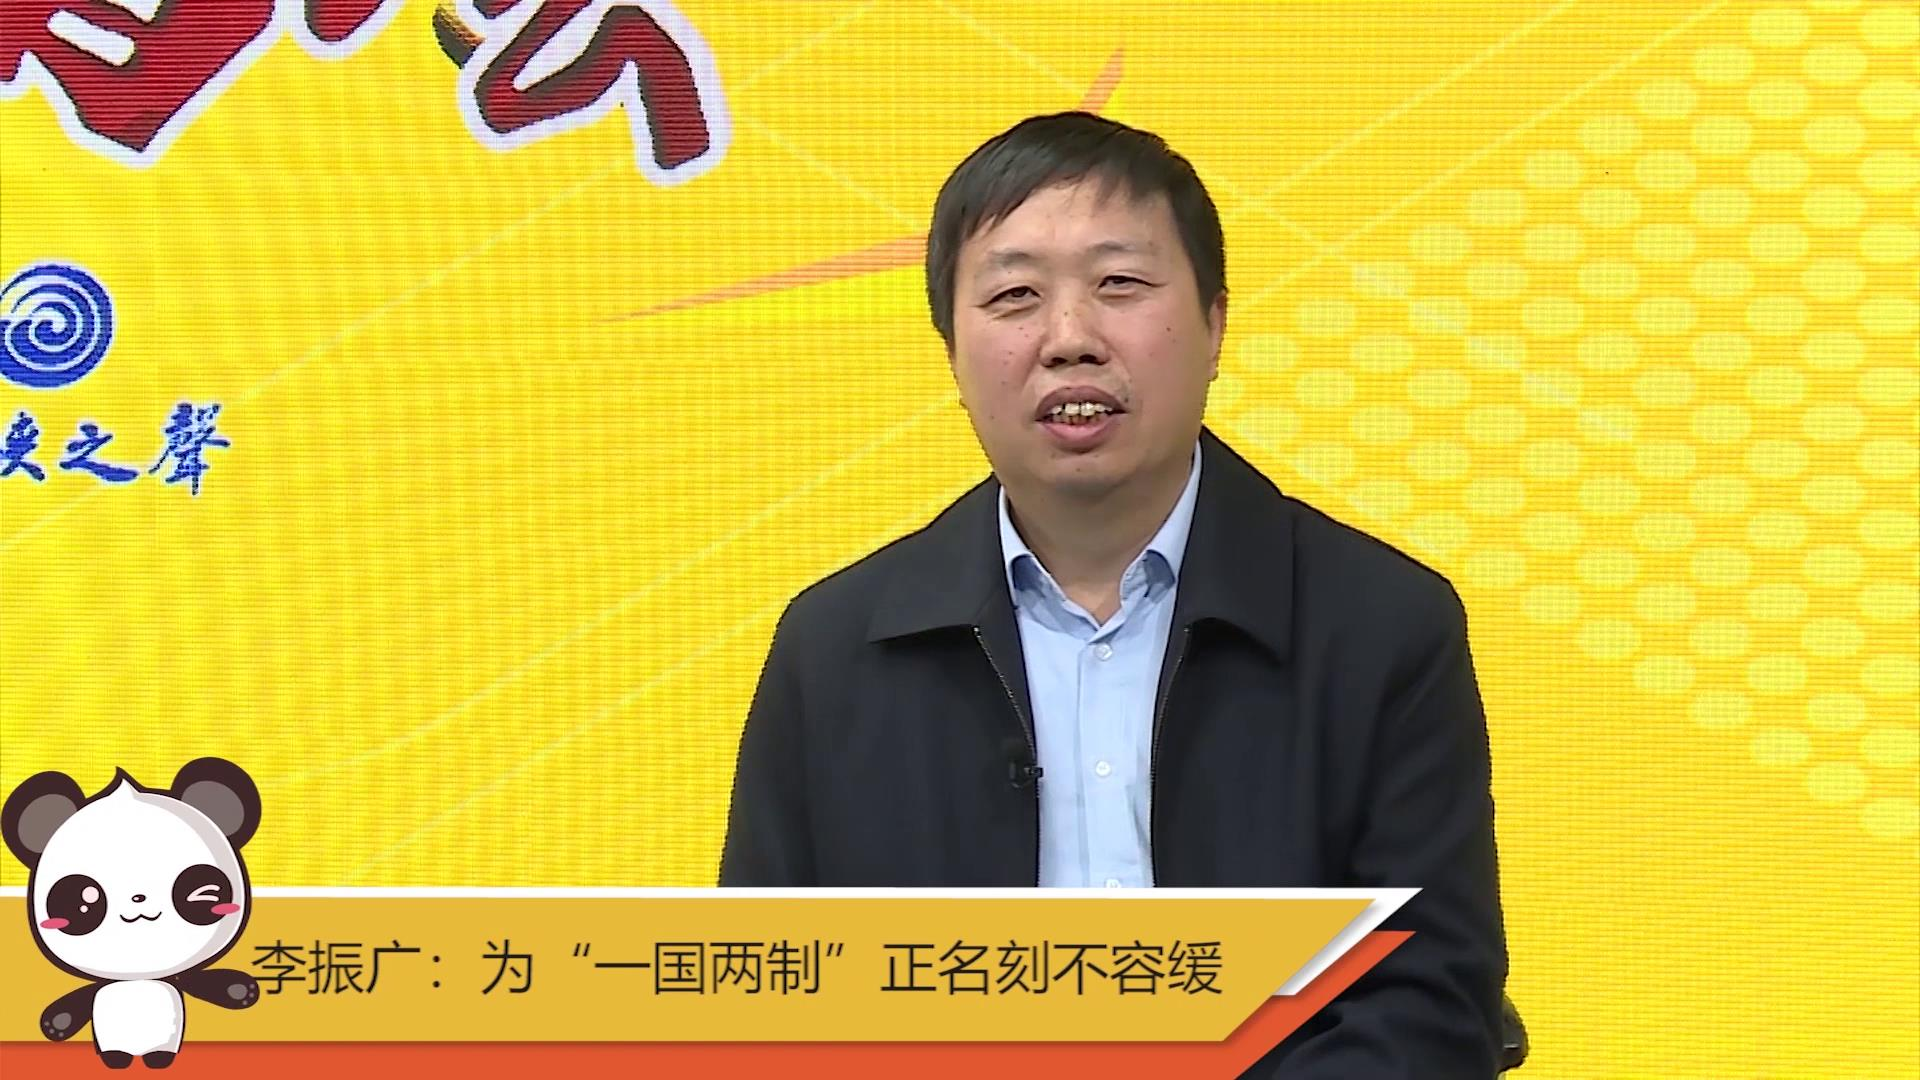 """【融融看两会】李振广:为""""一国两制""""正名刻不容缓图片"""